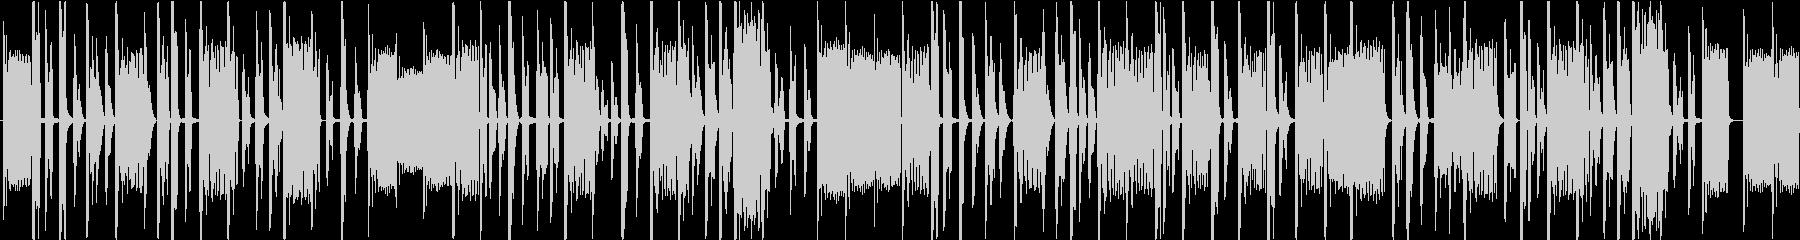 スラップベースを強くイメージしたループ…の未再生の波形